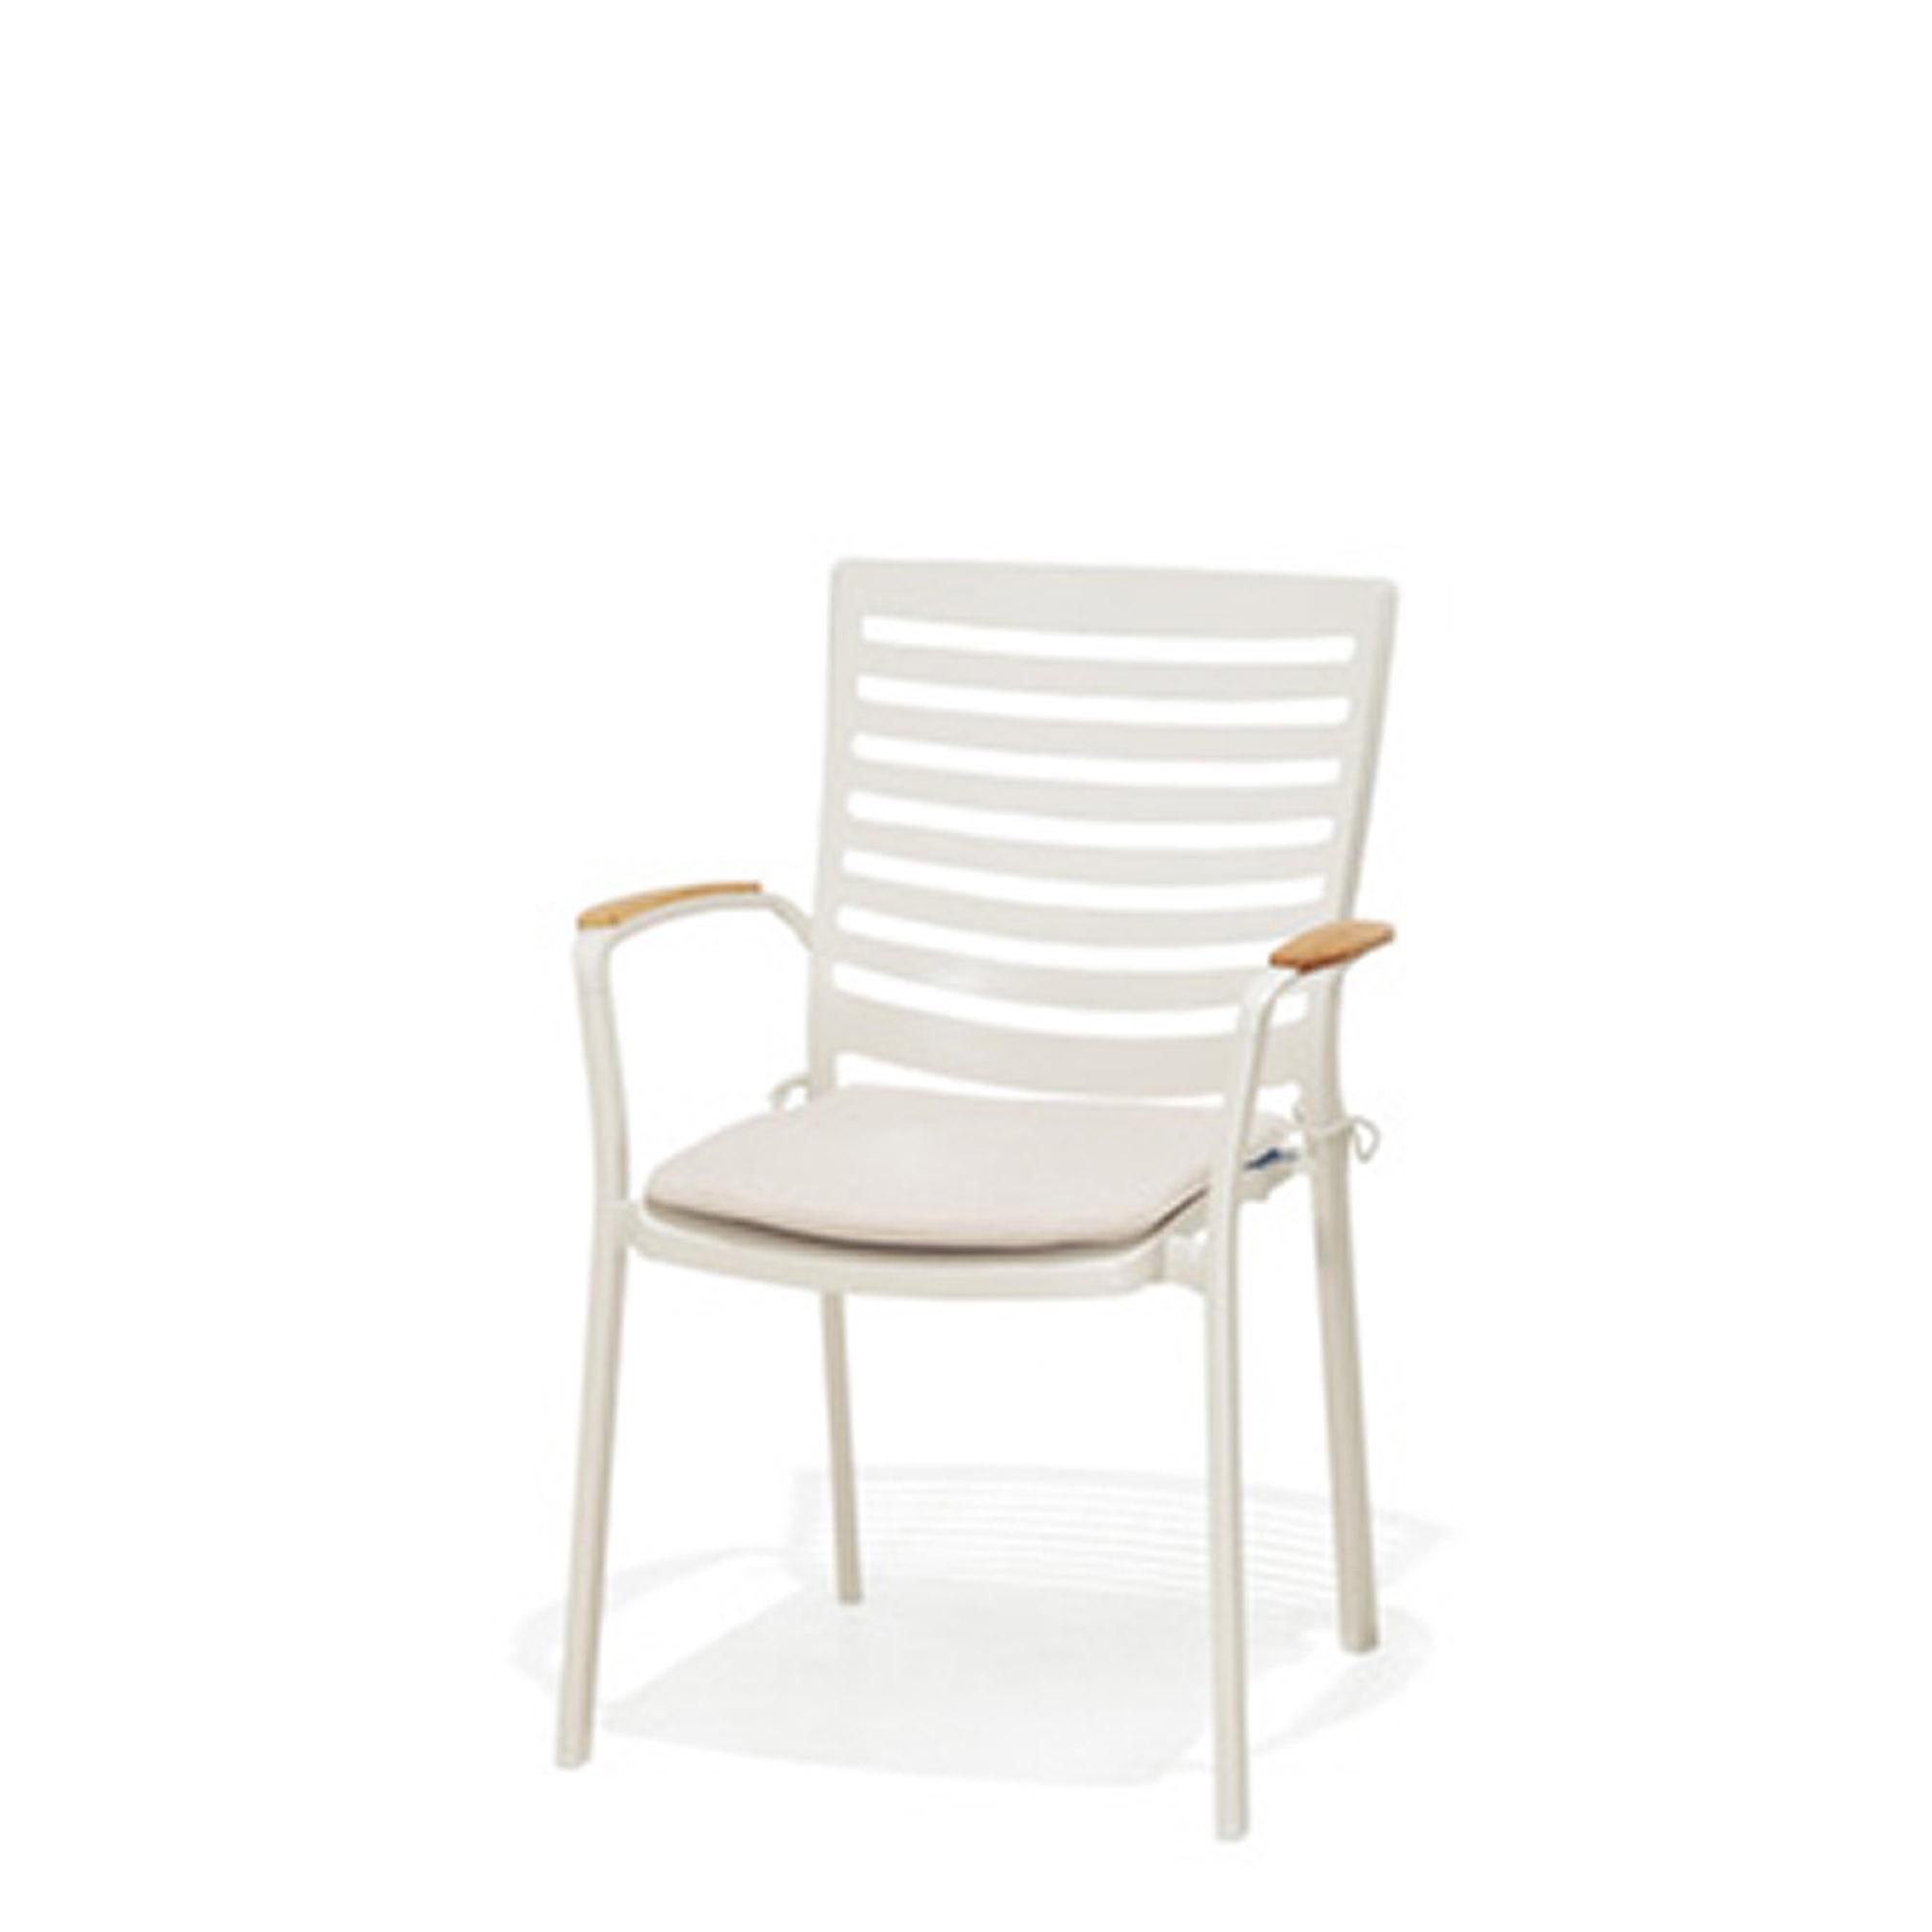 Bộ bàn ghế ngoài trời Portals 6 seater dining set 2/2